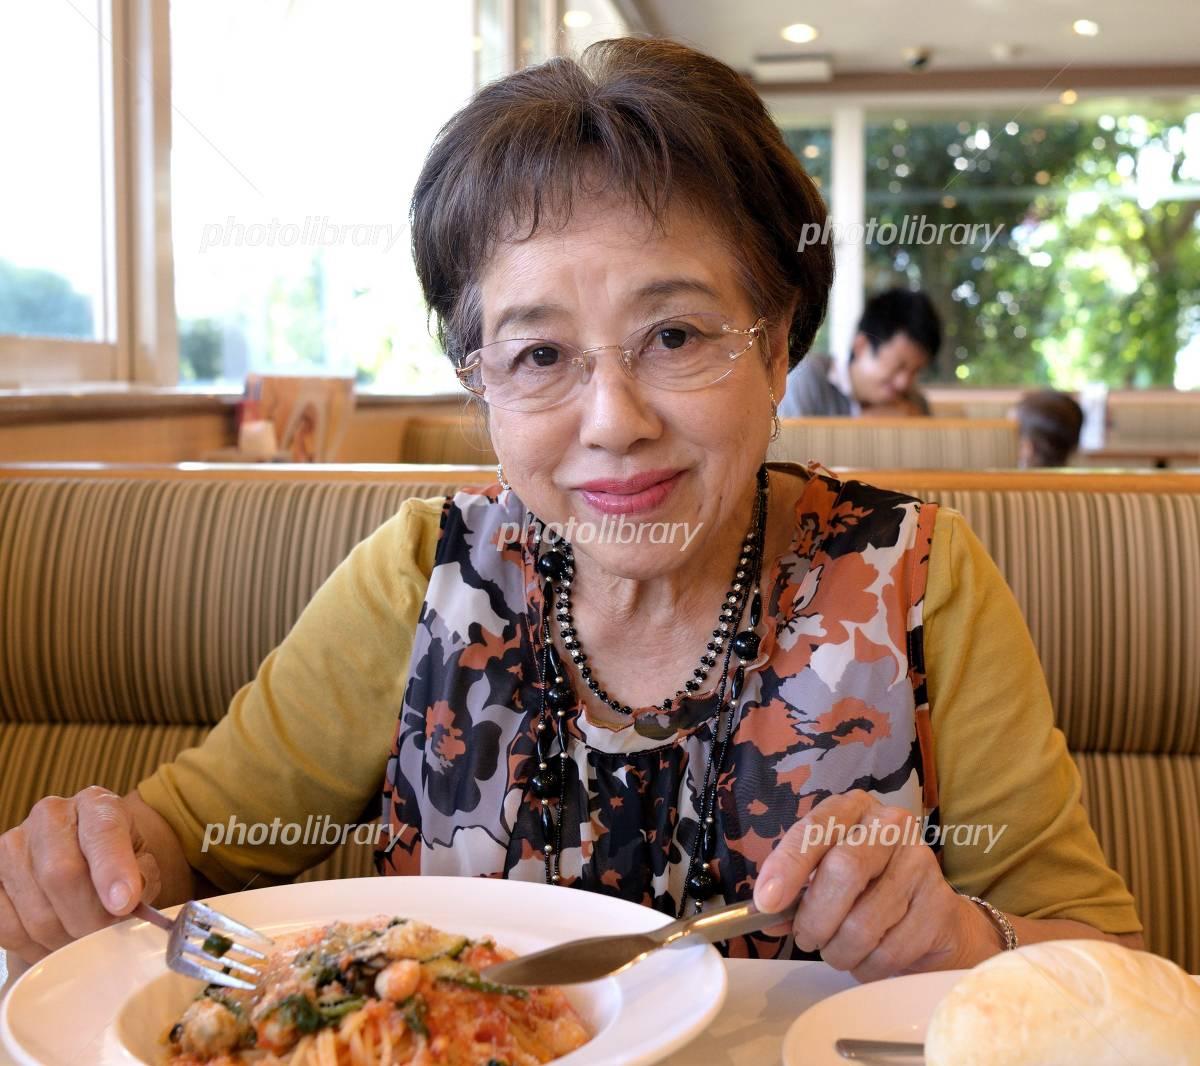 Senior woman to eat Photo